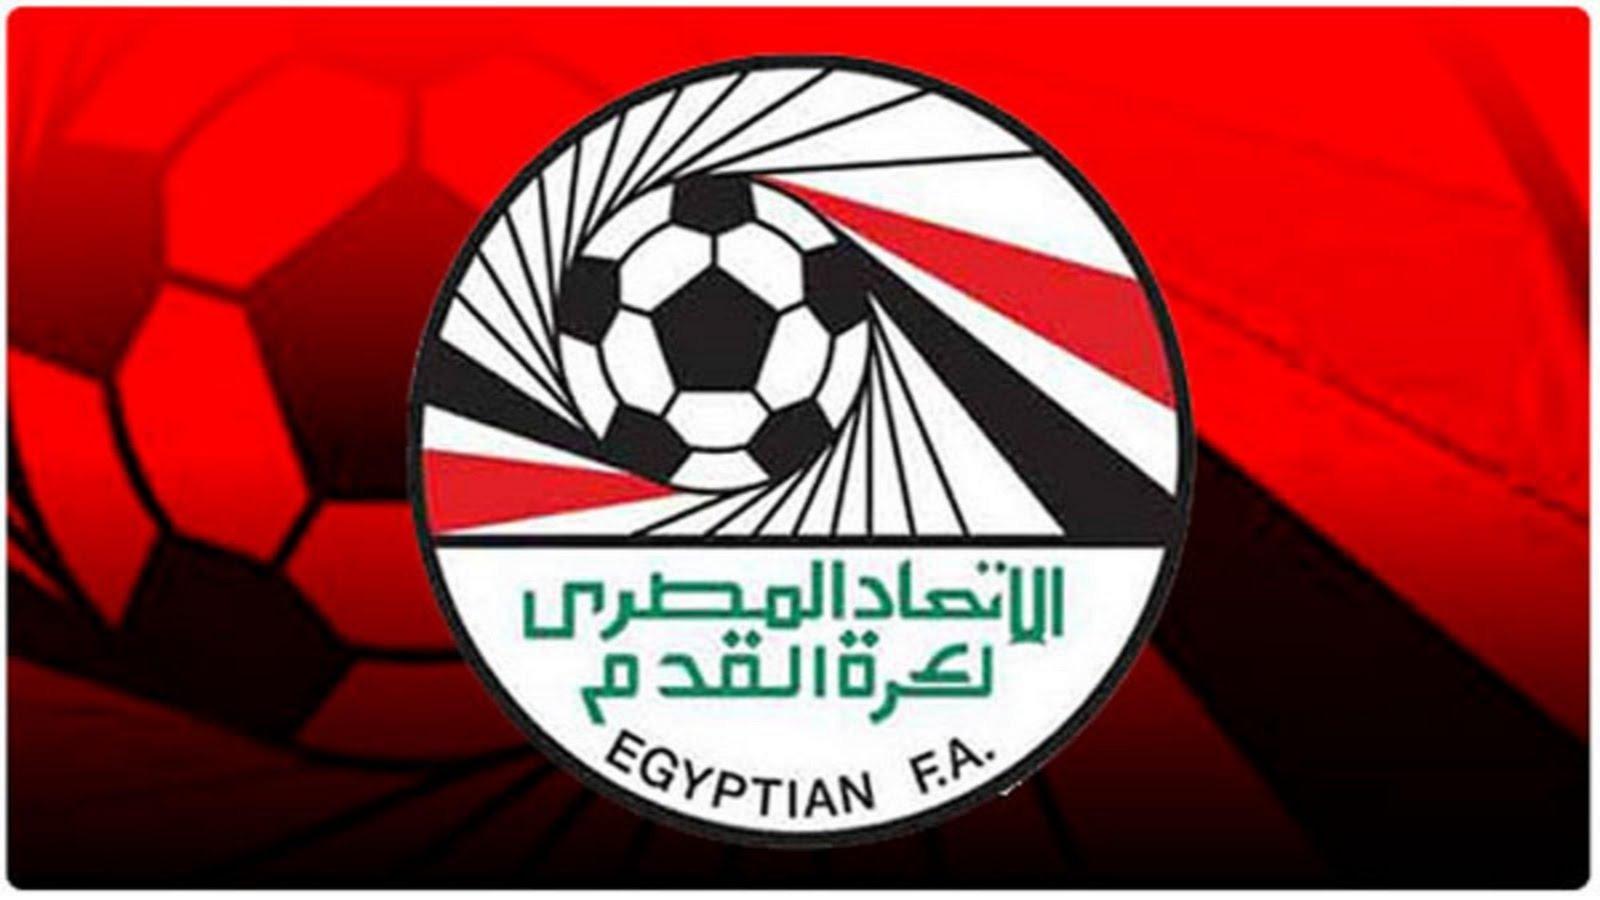 http://shbabbek.com/upload/جدول الدوري المصري 2018/2019